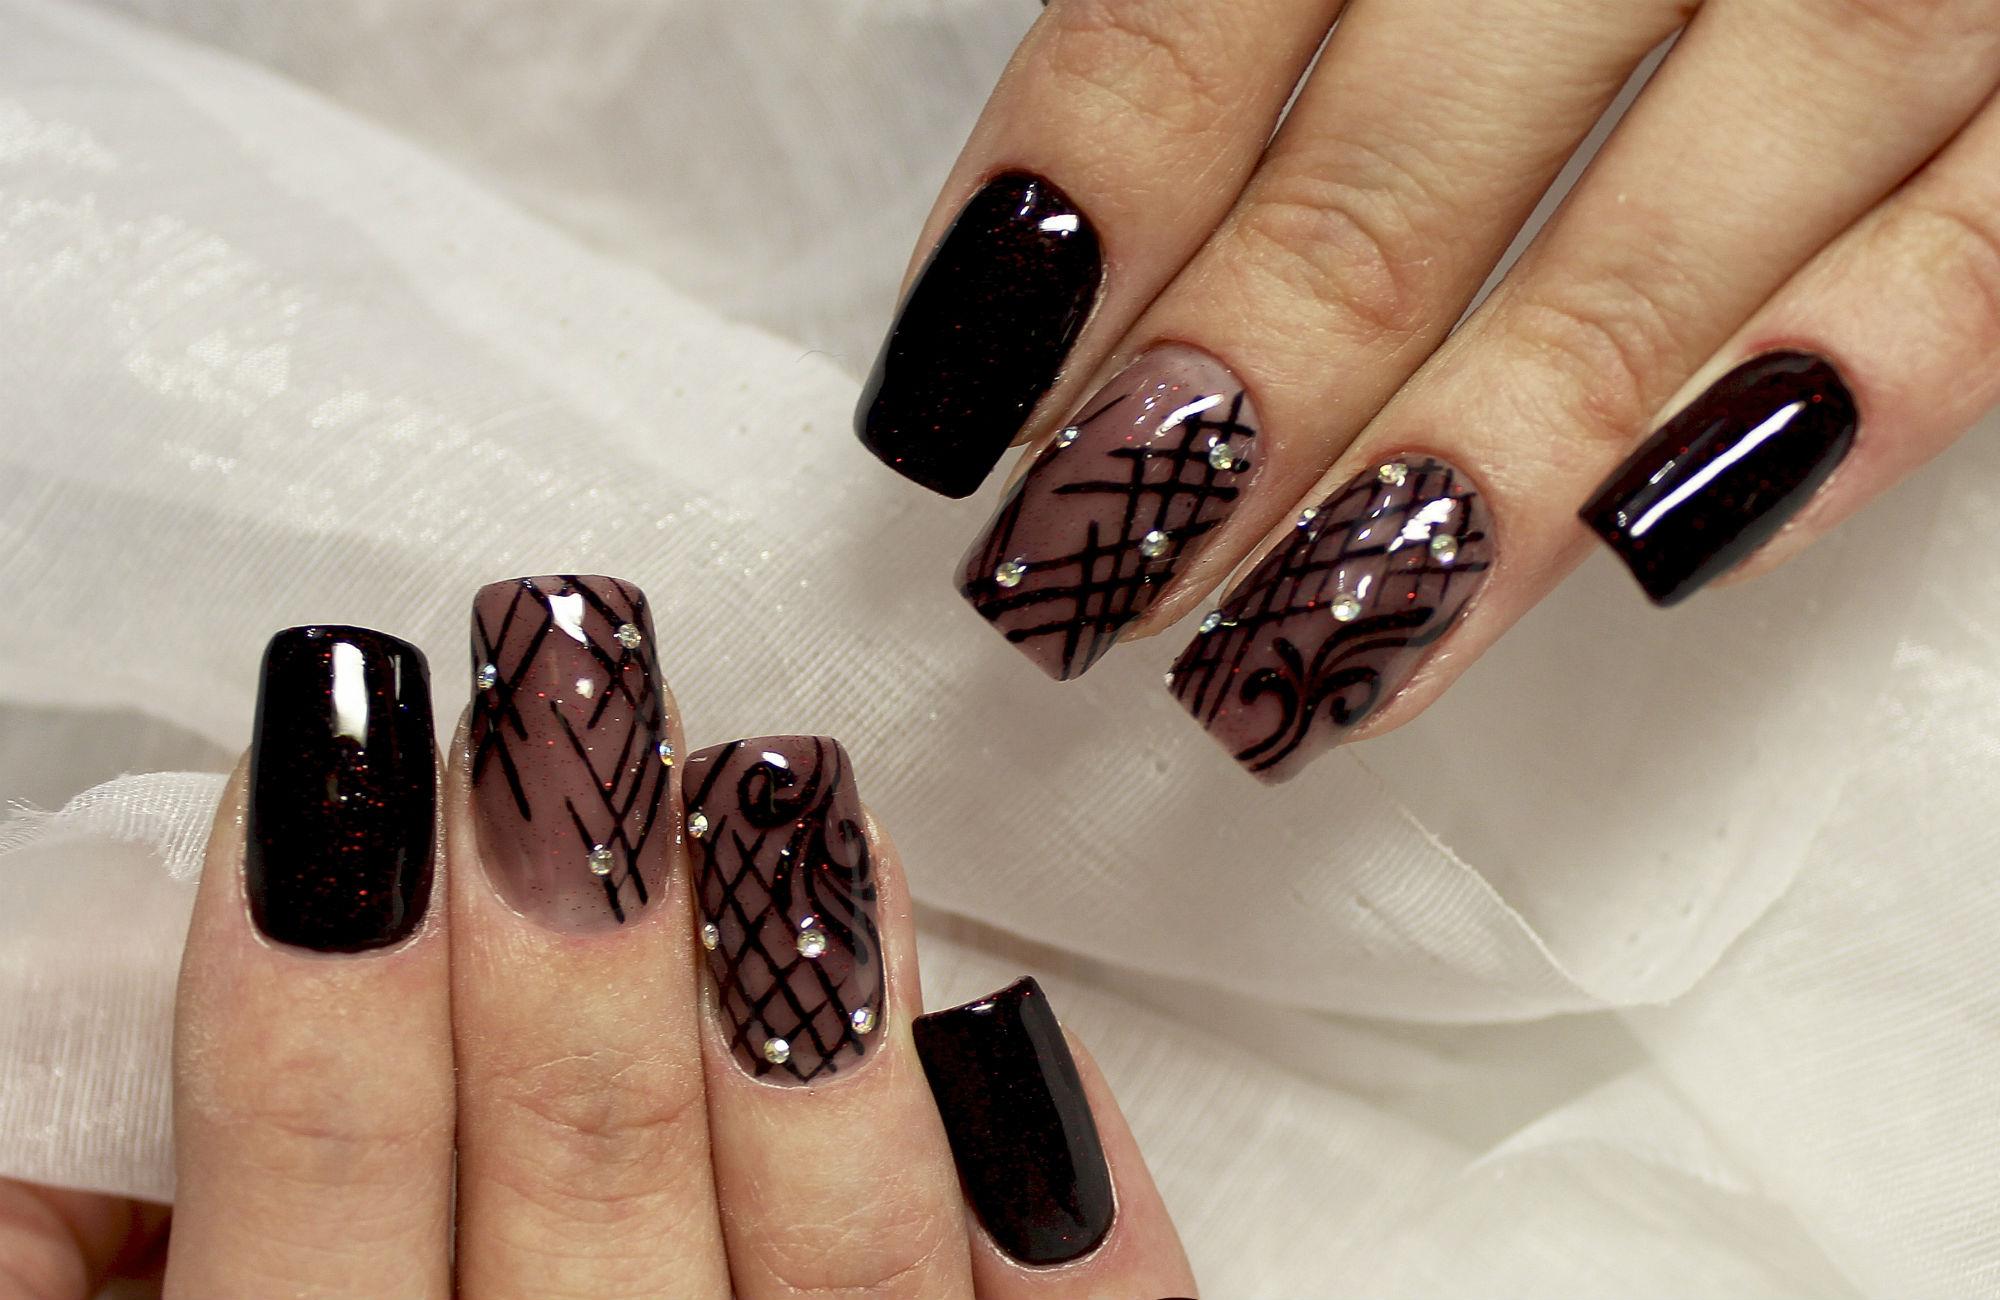 Ромбики на ногтях: маникюр в стиле Коко Шанель